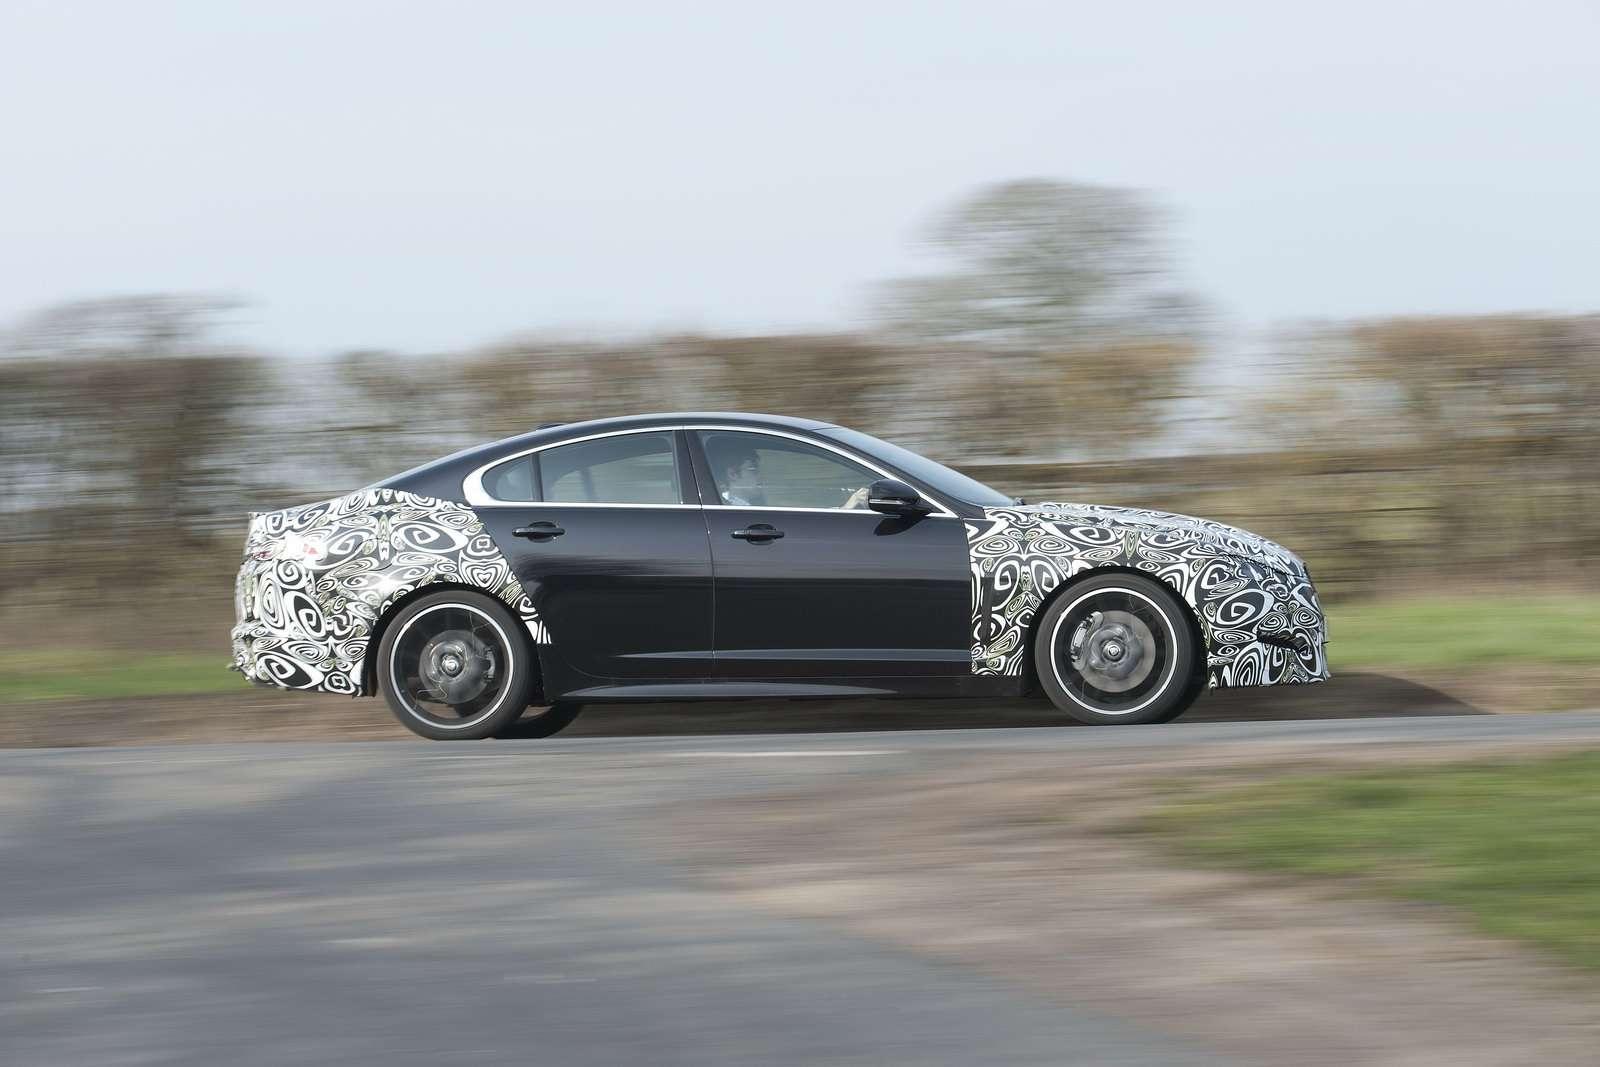 Jaguar XF zdjecia szpieg marzec 2011